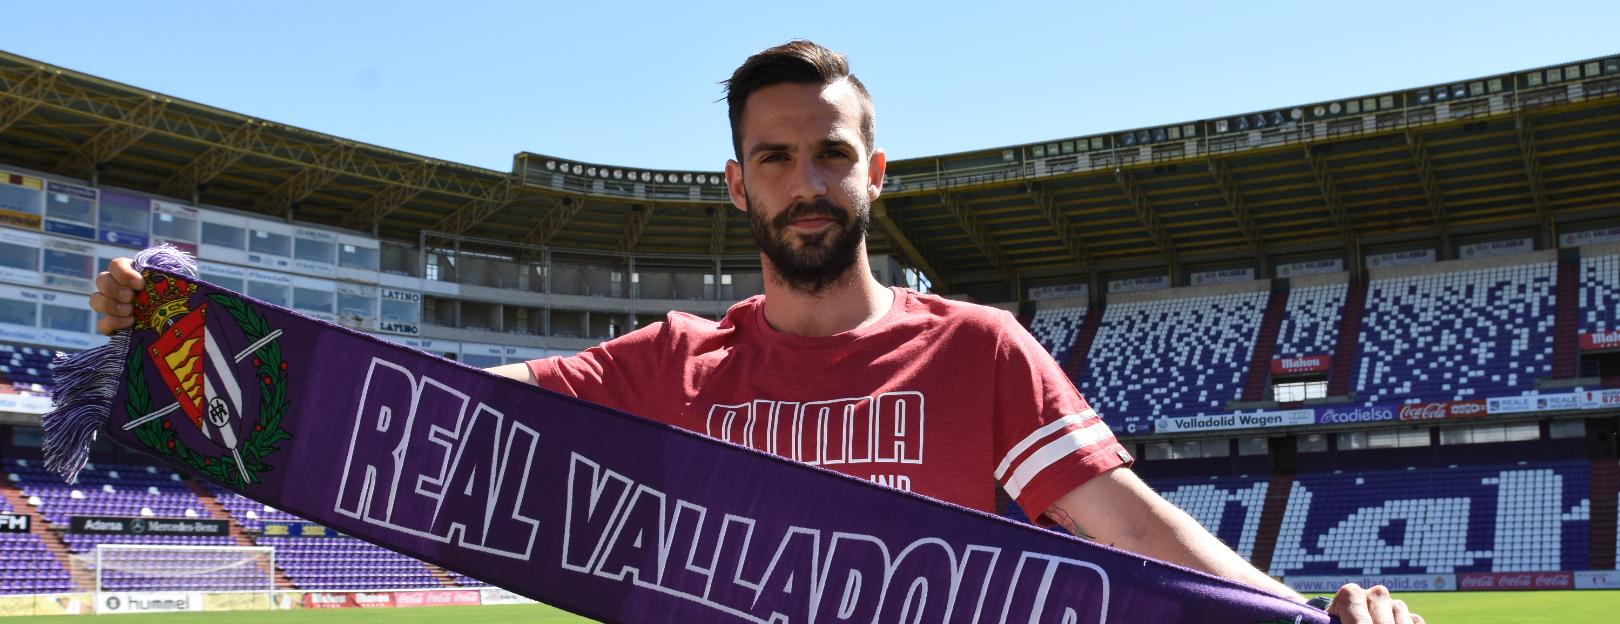 Alberto Guitián, en su presentación con el Real Valladolid   <em><strong>Foto: Andrés Domingo - ElDesmarque Valladolid</strong></em>